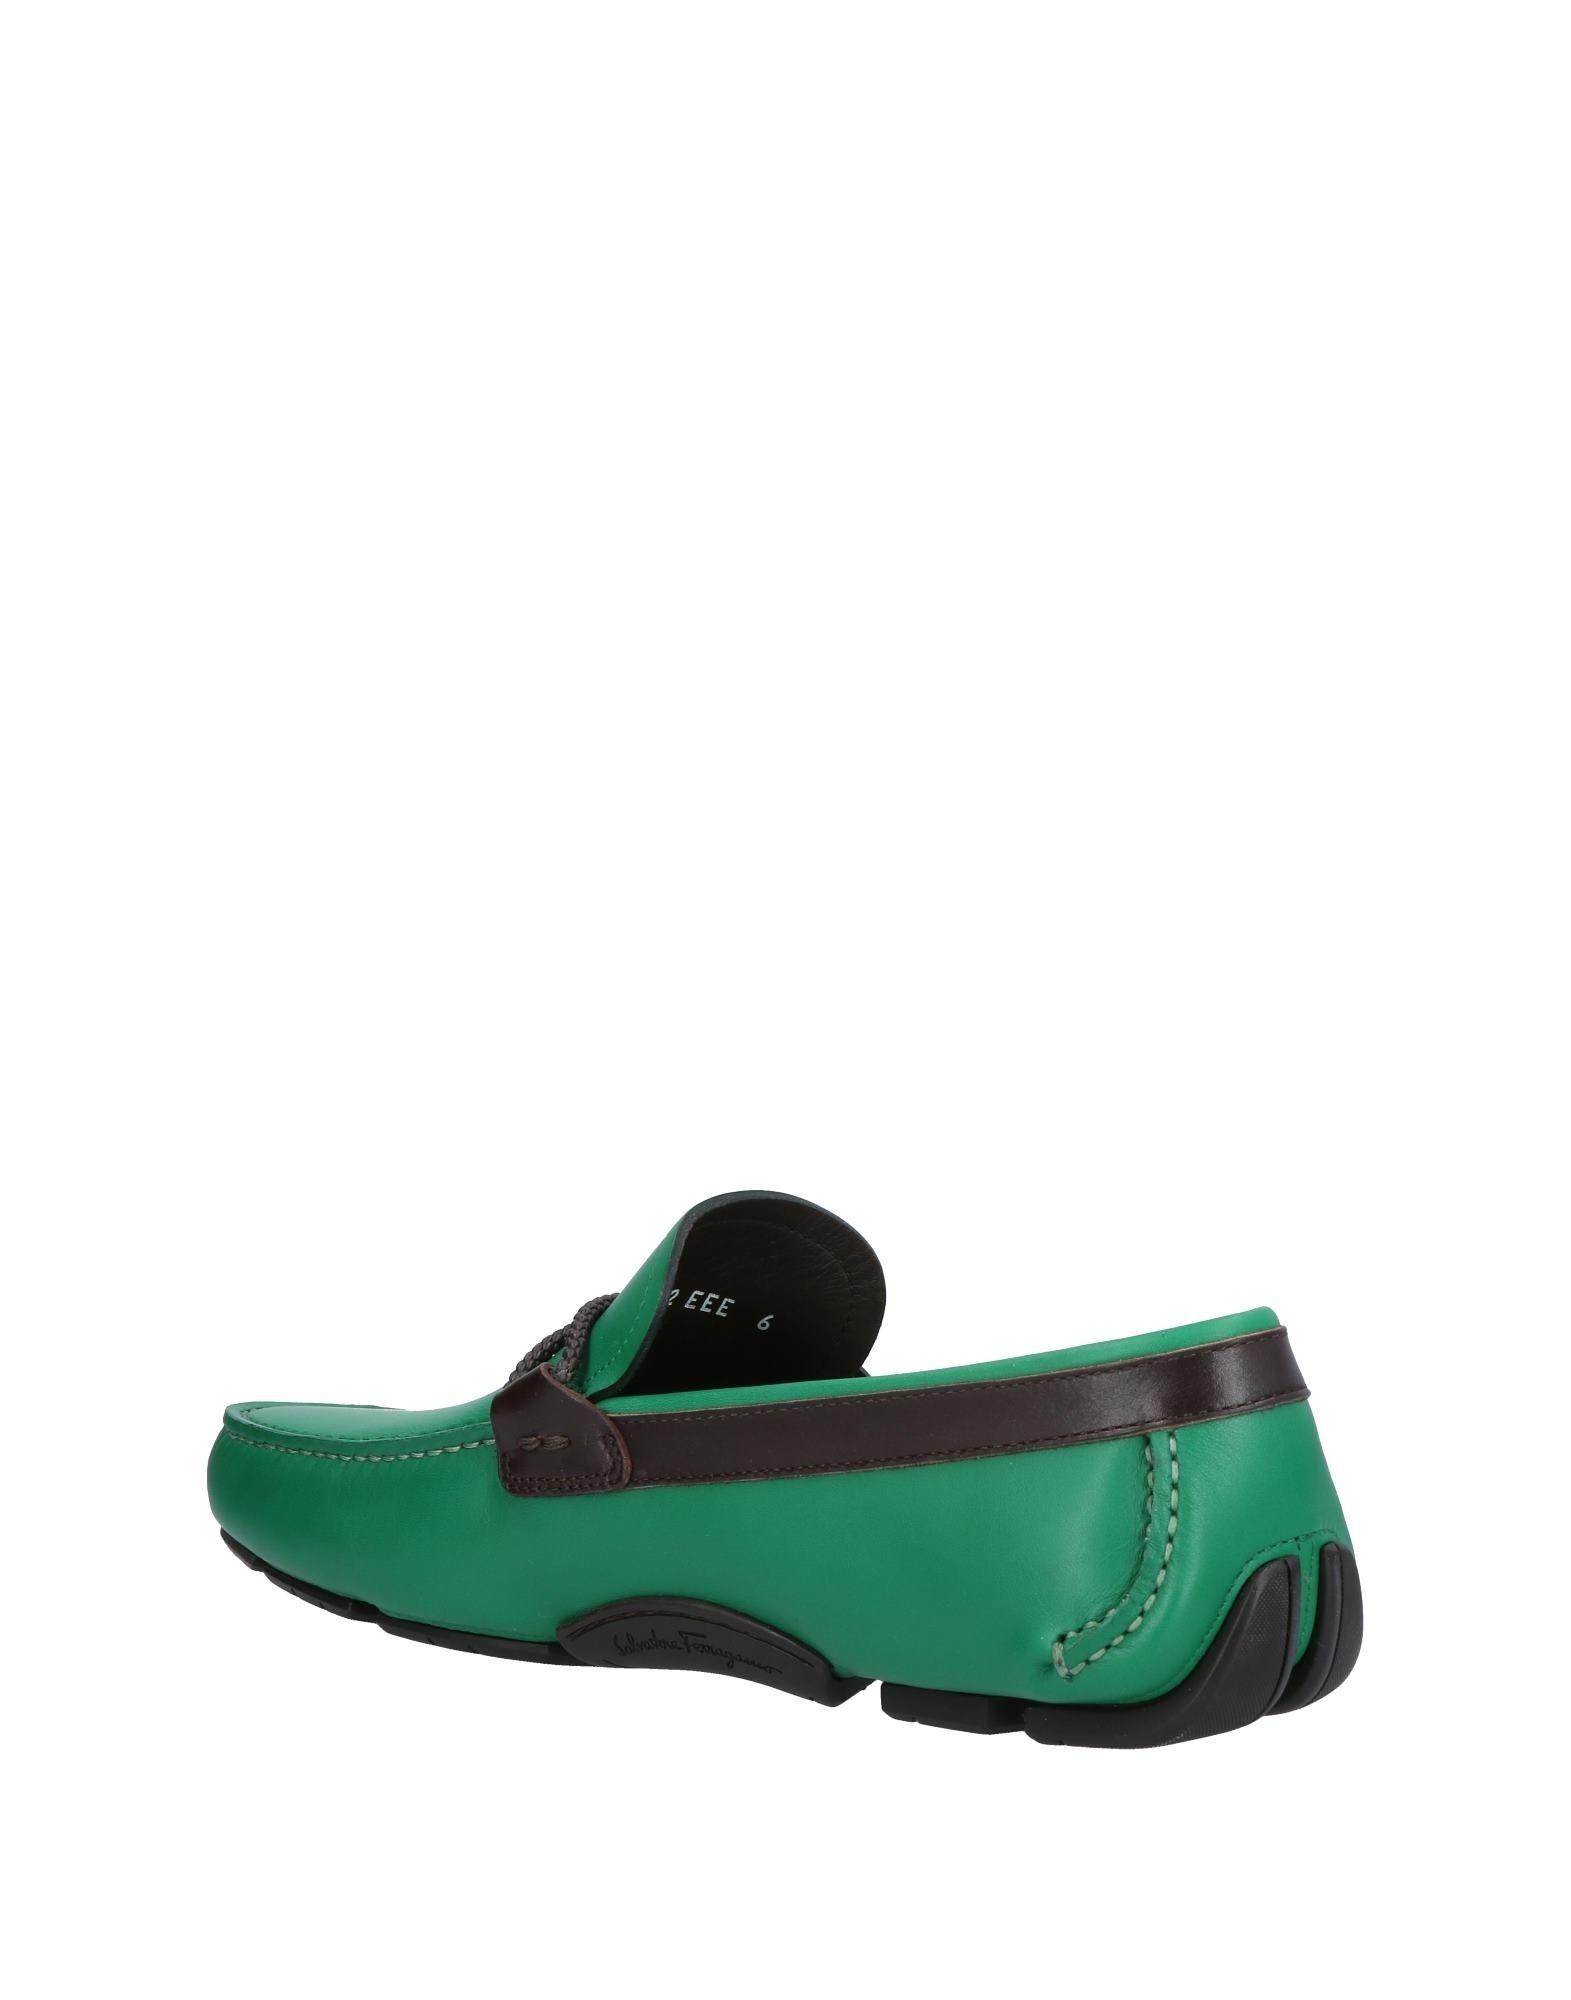 Salvatore Ferragamo Mokassins Herren  11434868EB Gute Qualität beliebte beliebte Qualität Schuhe b7c3b9